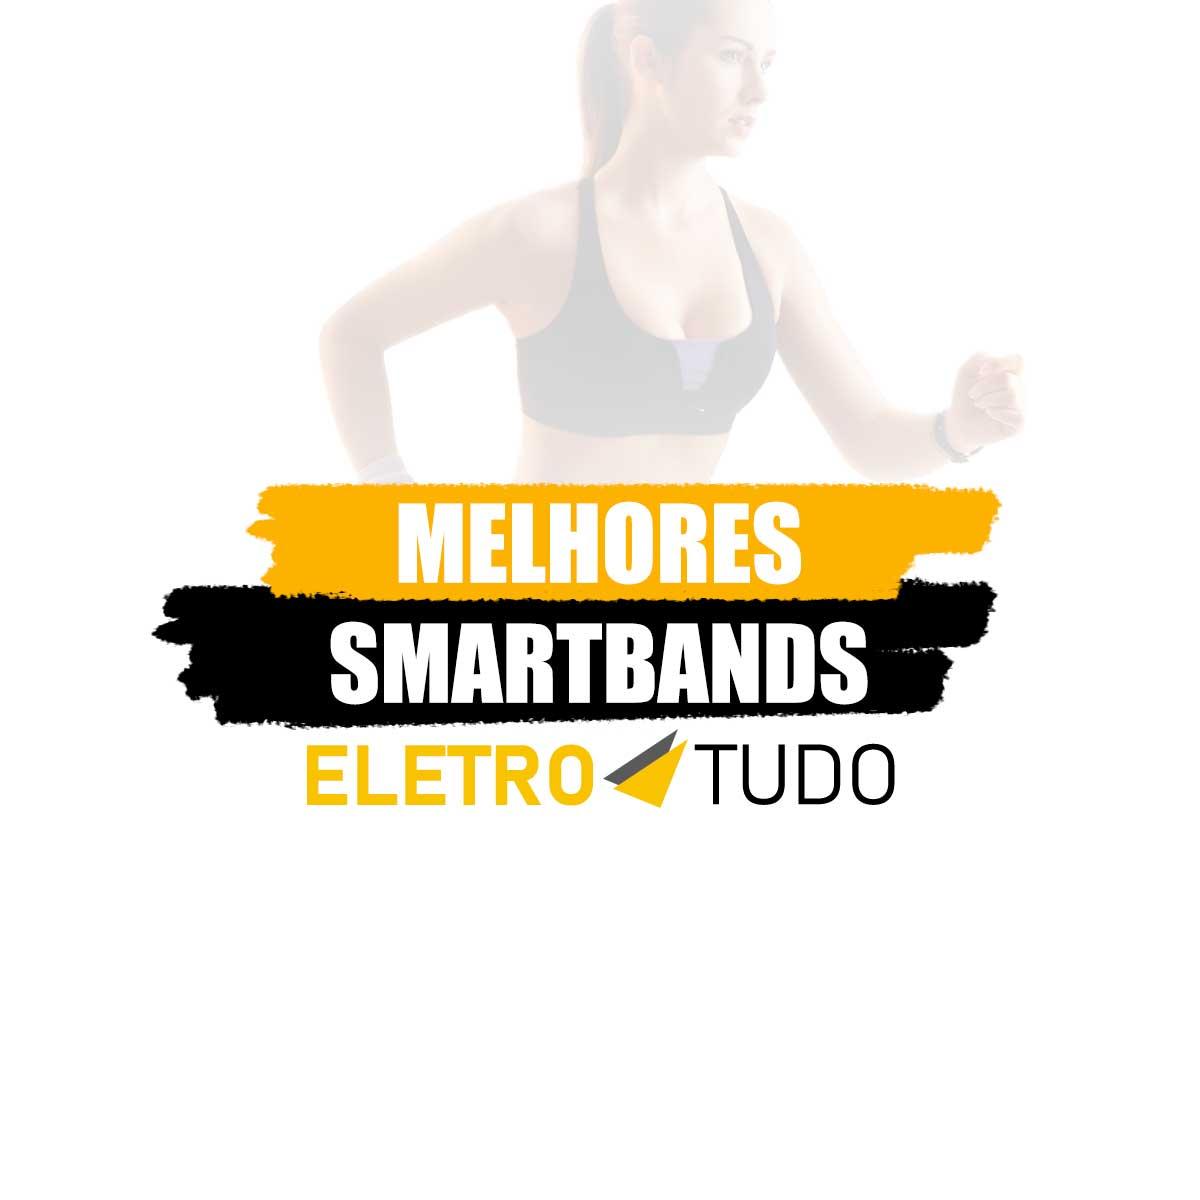 melhores smartbands imagem promo